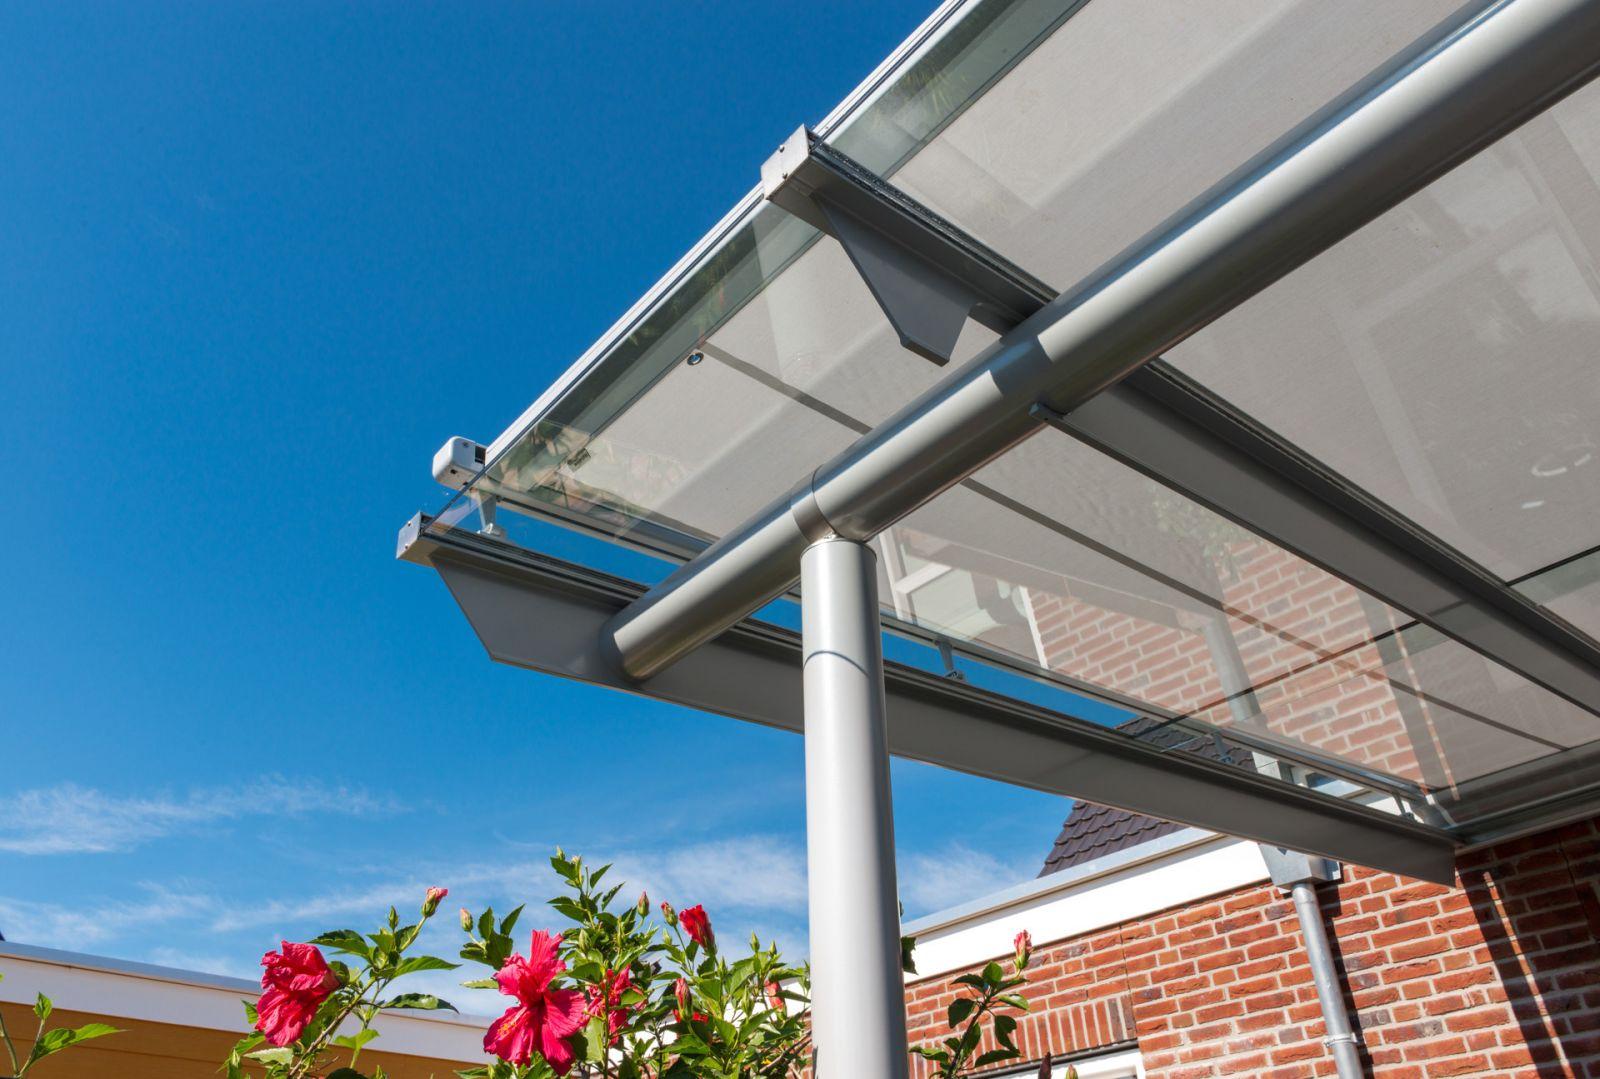 Teraszfedés: Solarlux Anova üvegtető árnyékolással